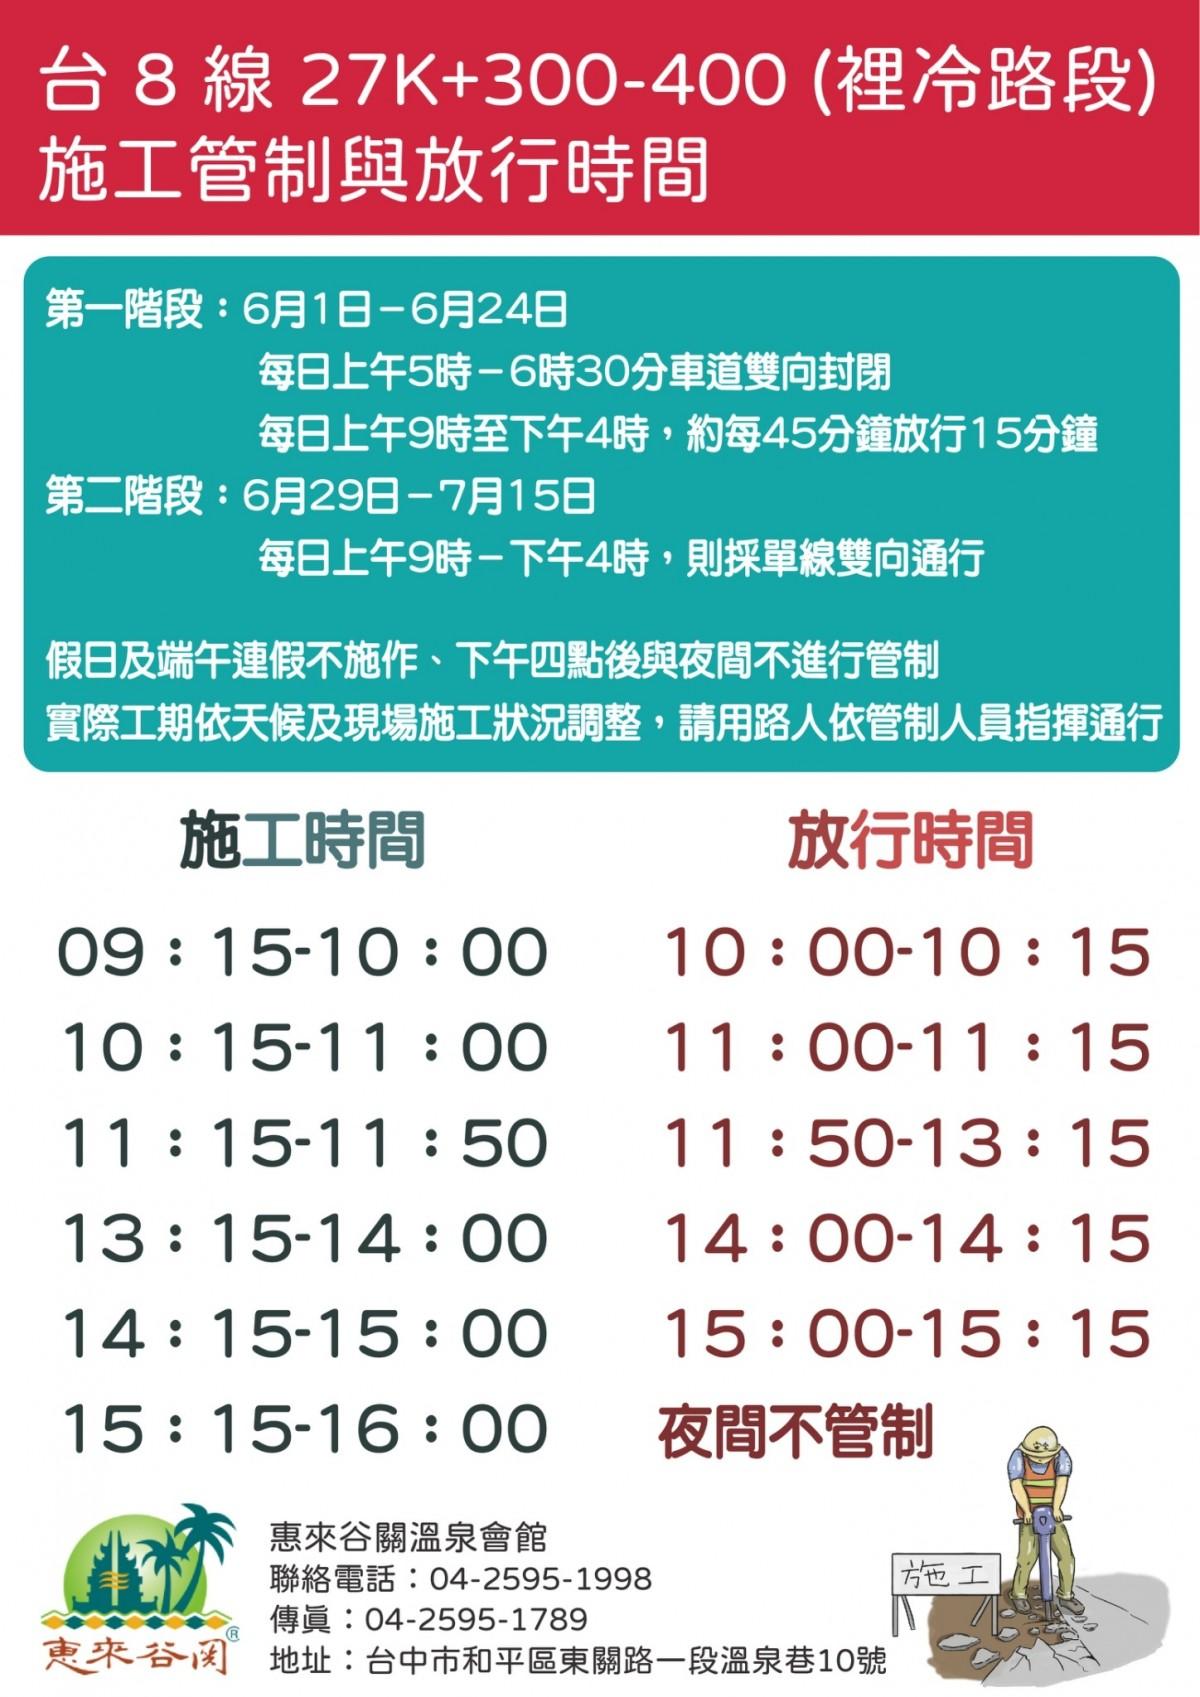 【公告】7/15日前裡冷路段進行交通流量管制